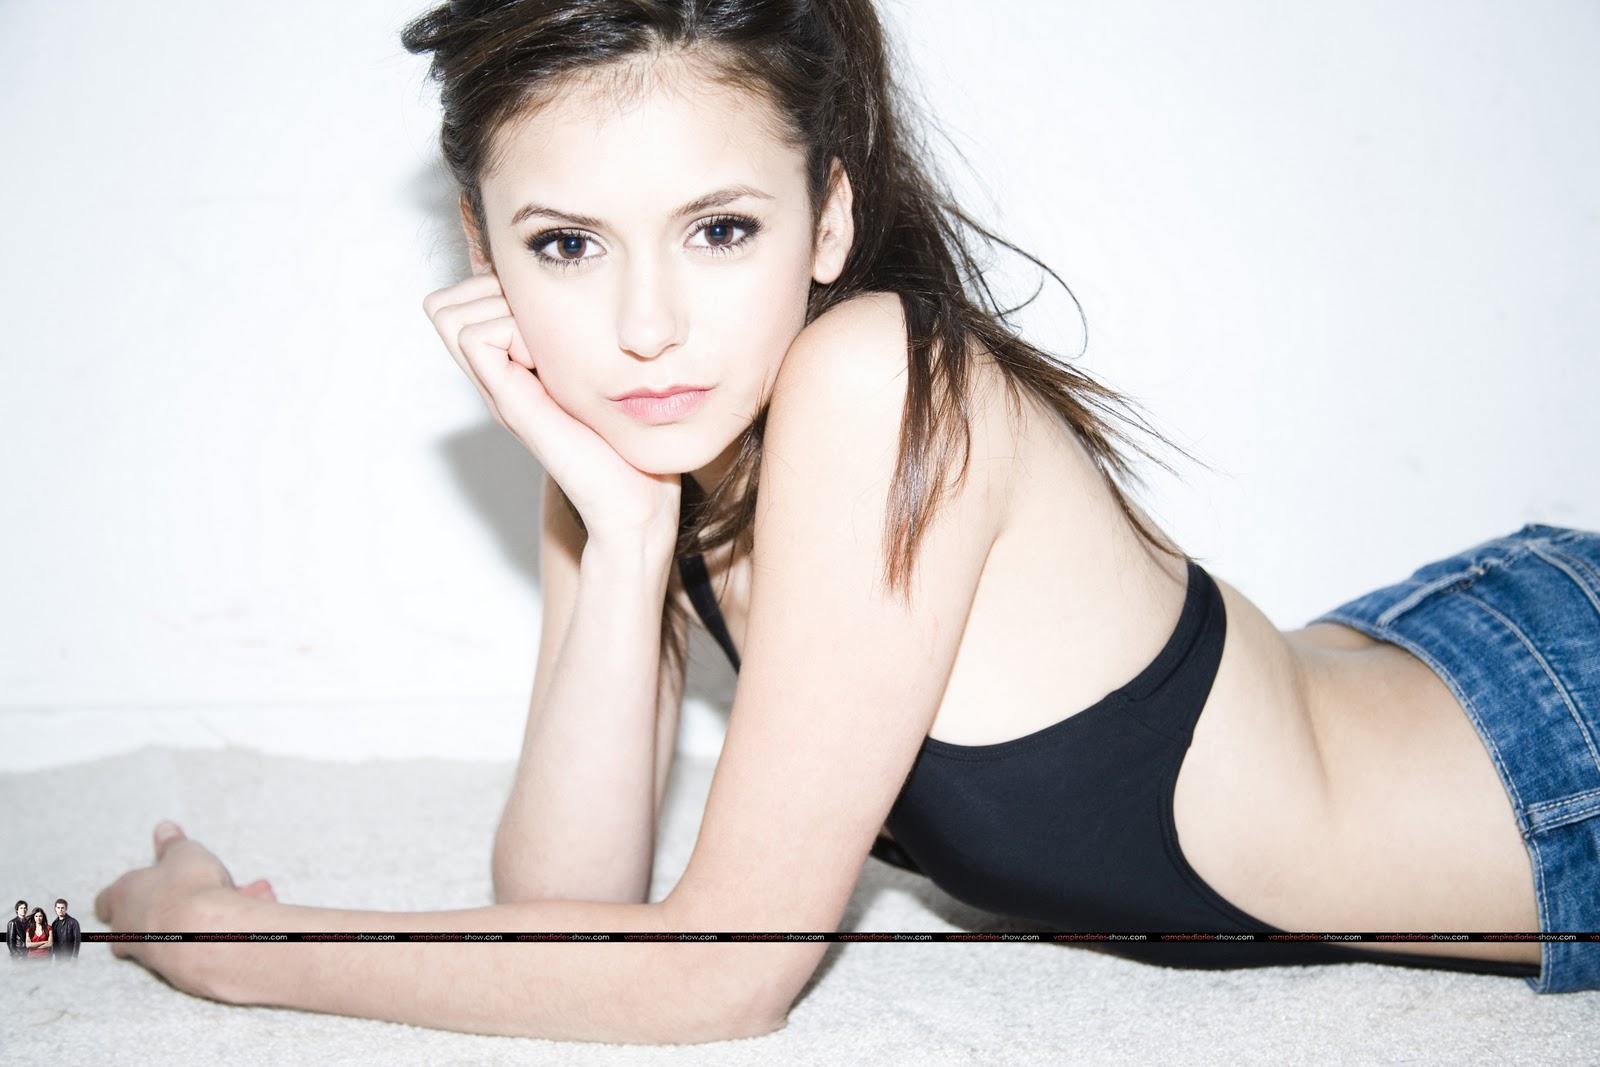 actress nina dobrev wallpapers - Actress Nina Dobrev Wallpaper HD Free Wallpapers